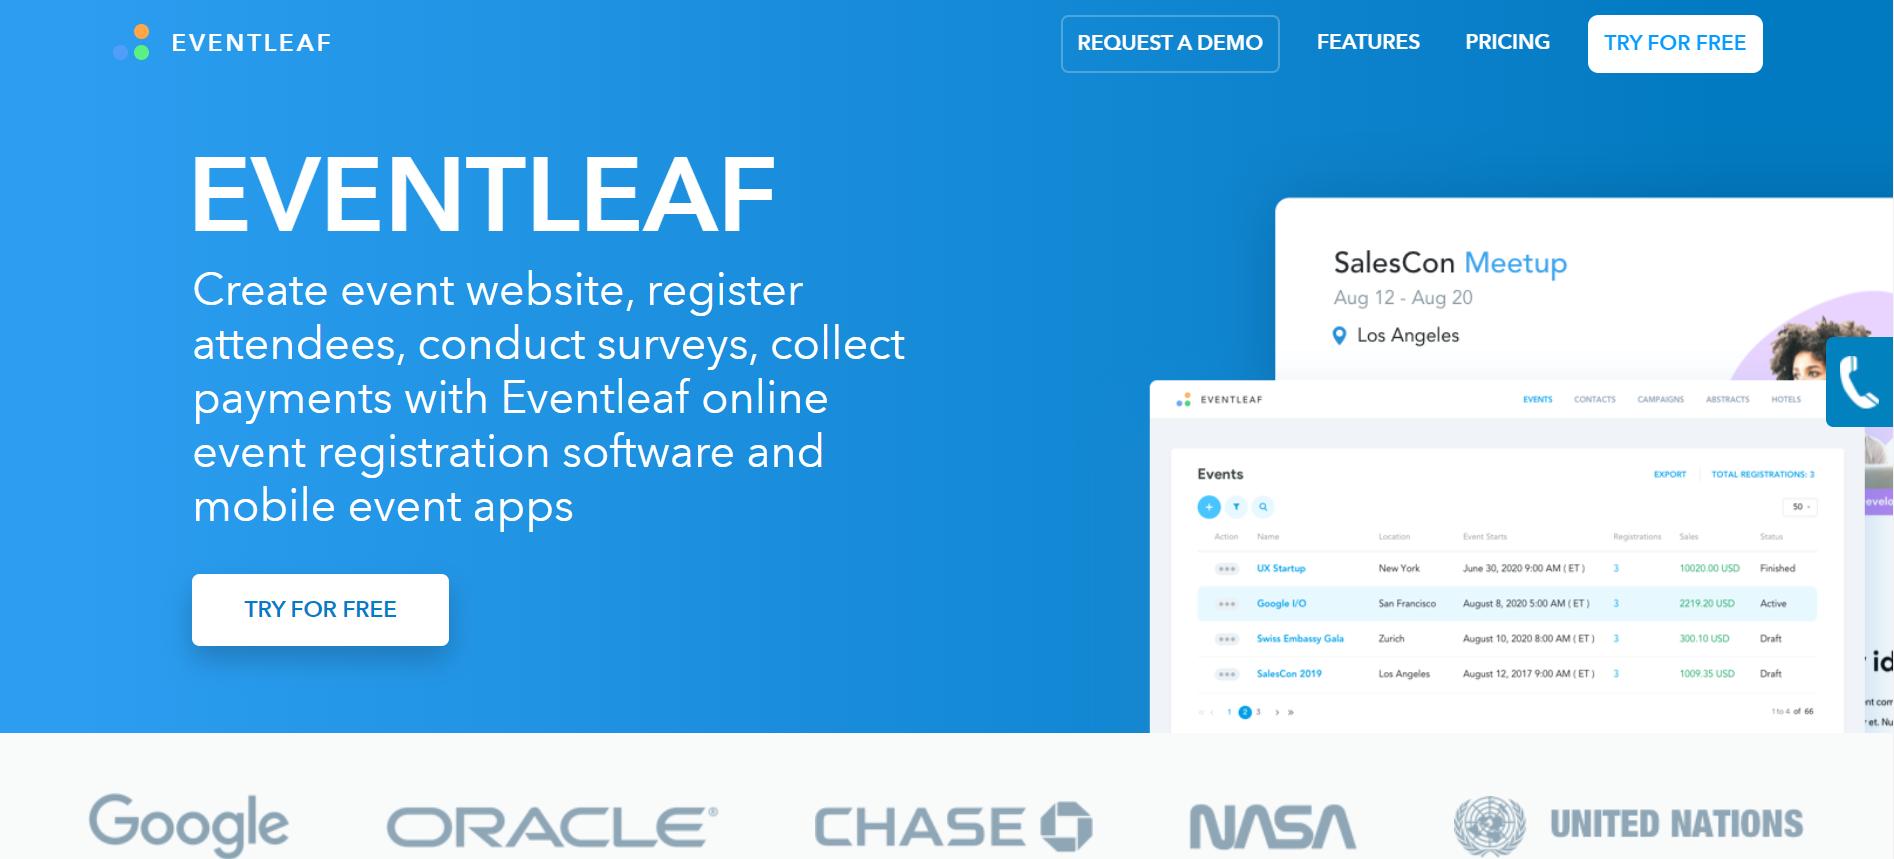 Review Eventleaf: Event registration management software - Appvizer